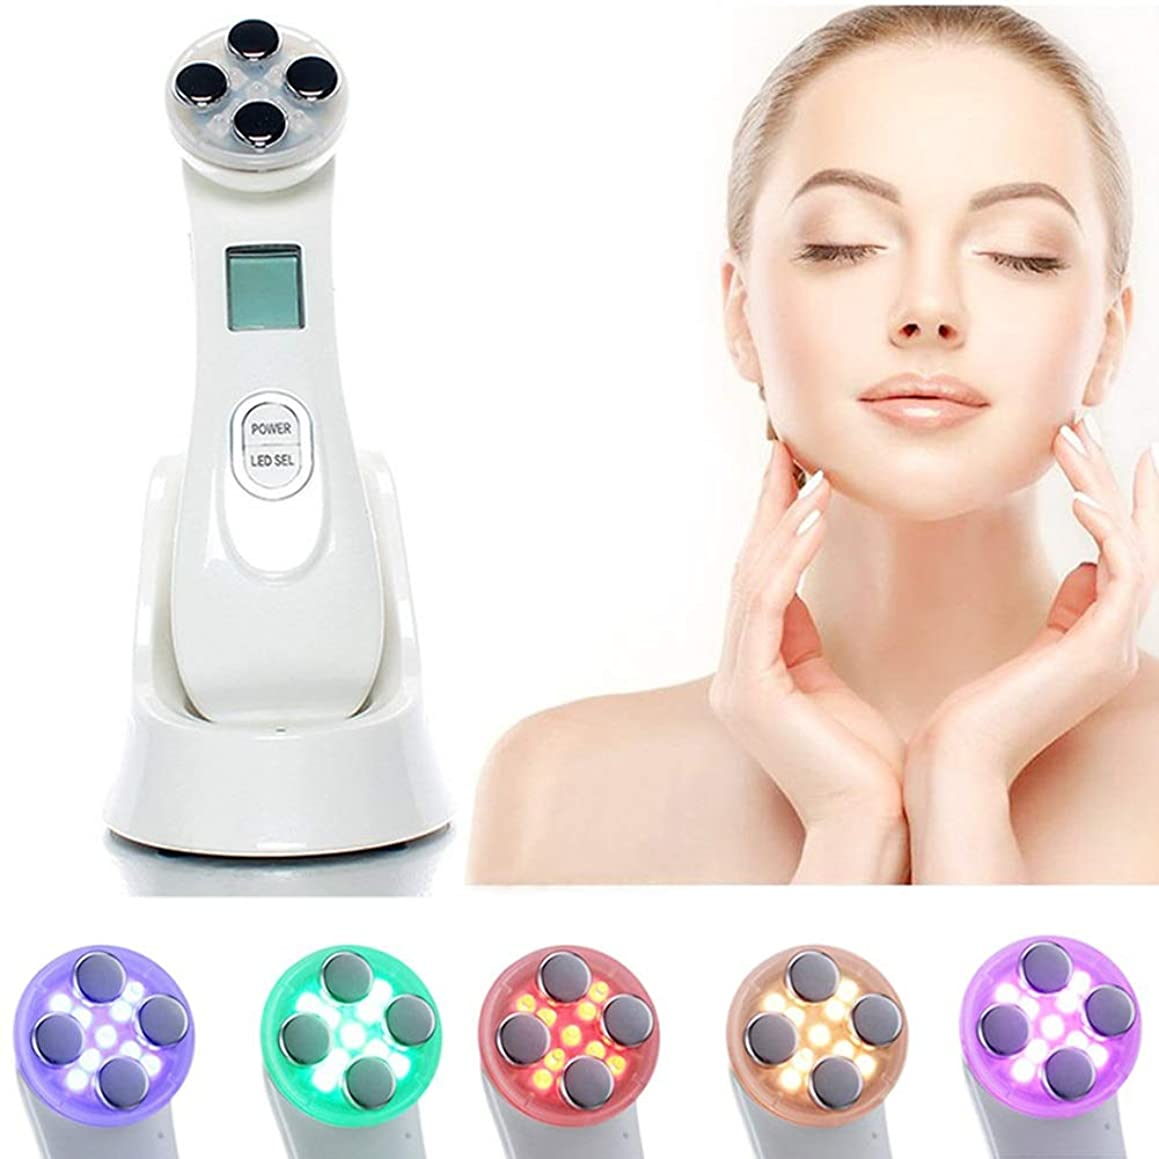 退屈な反発脊椎RF美容機、高周波フェイシャルマシン、アンチエイジングフェイスリフティング用のEMSスキンケアデバイスしわ除去フェイスを締めますボディとフェイス美容デバイス用のスキンケアを締めます